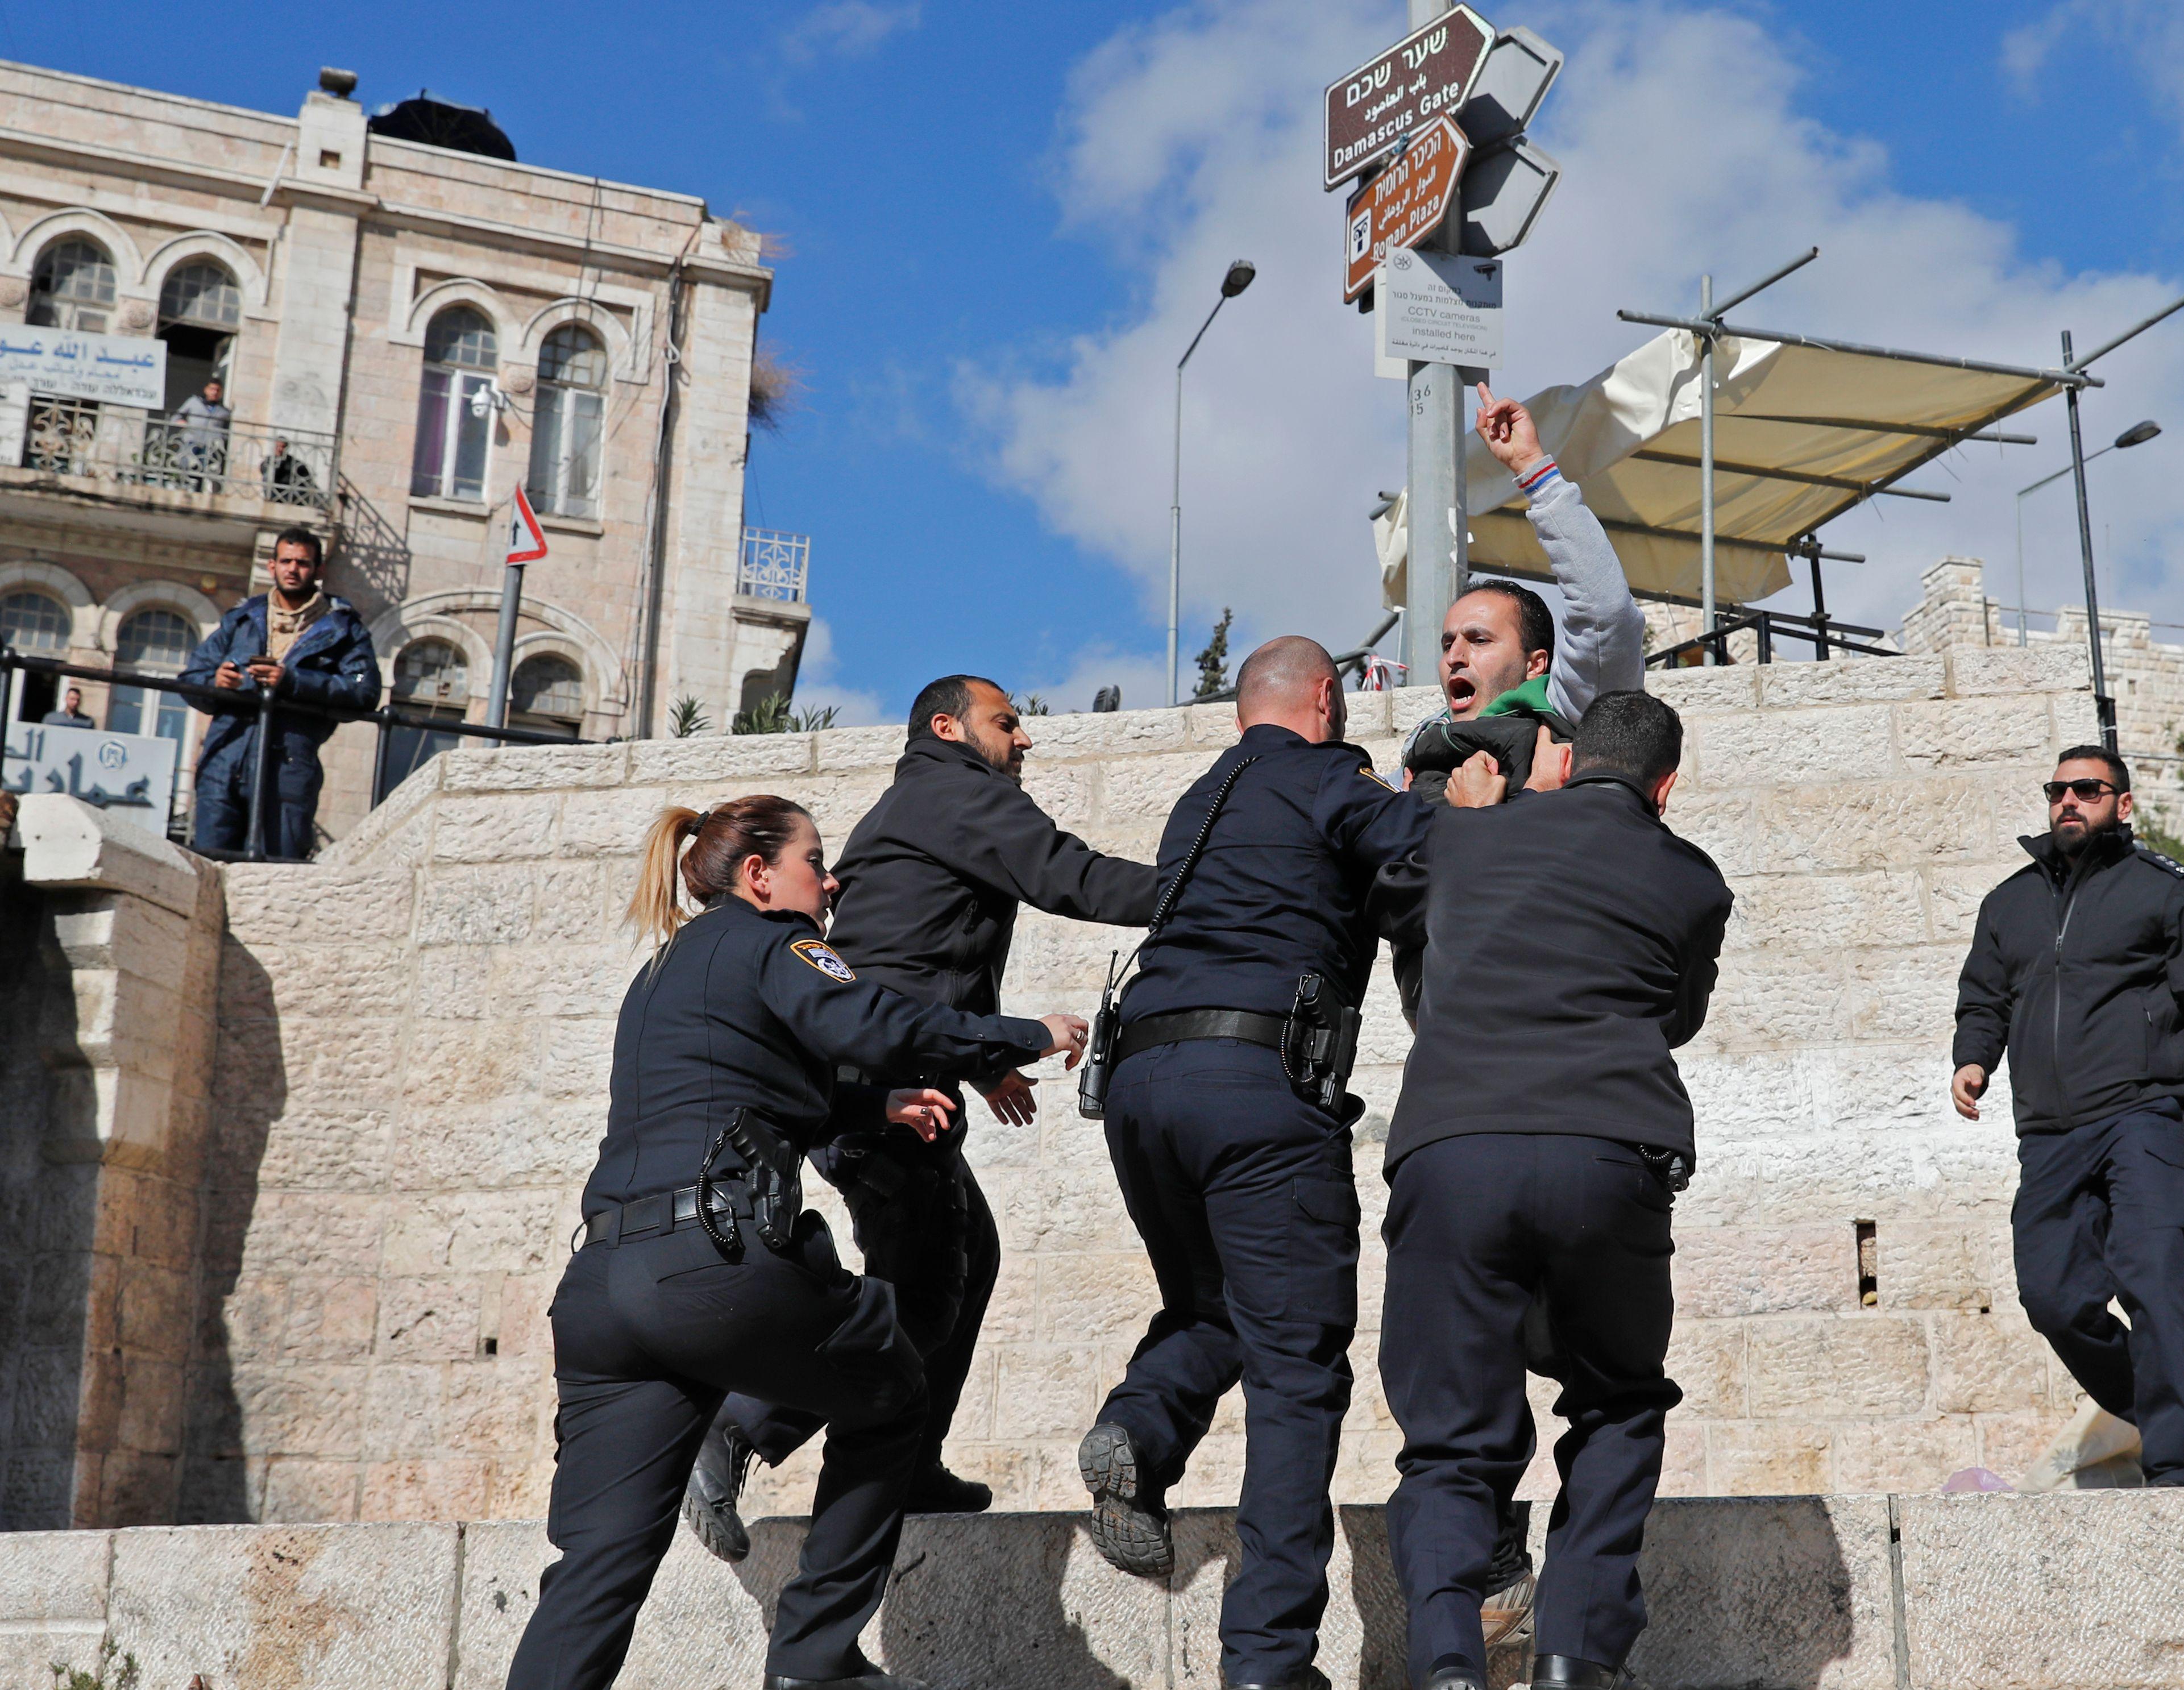 اشتباكات بالايدى بين جنود الاحتلال وأحد الشبان الفلسطينيين